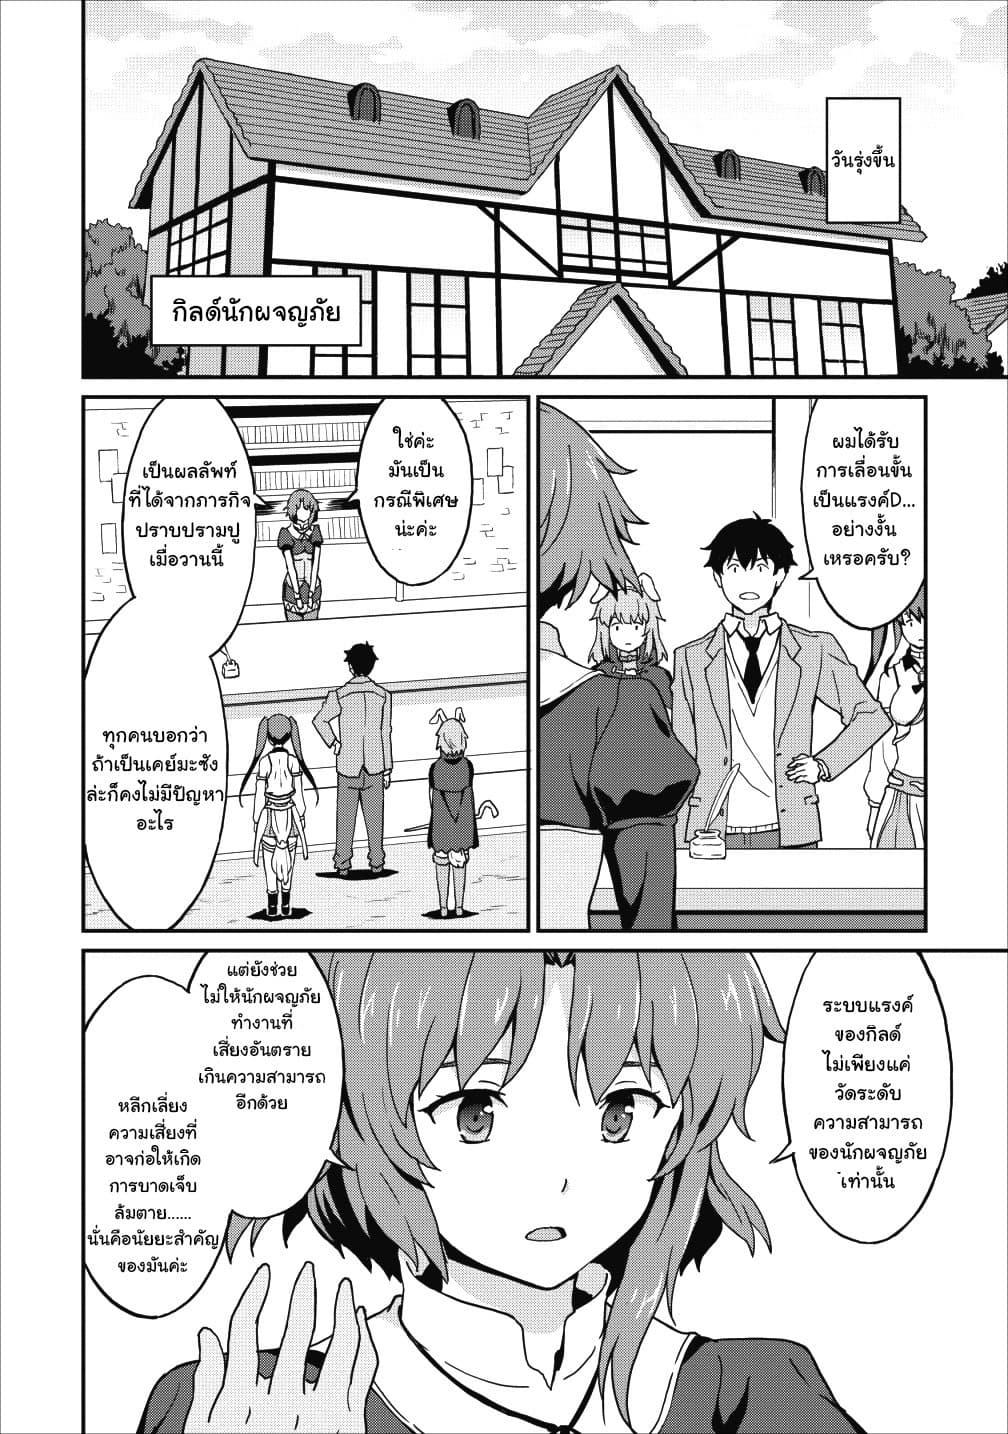 อ่านการ์ตูน Taberu Dake de Level-Up! Damegami to Issho ni Isekai Musou ตอนที่ 9 หน้าที่ 23